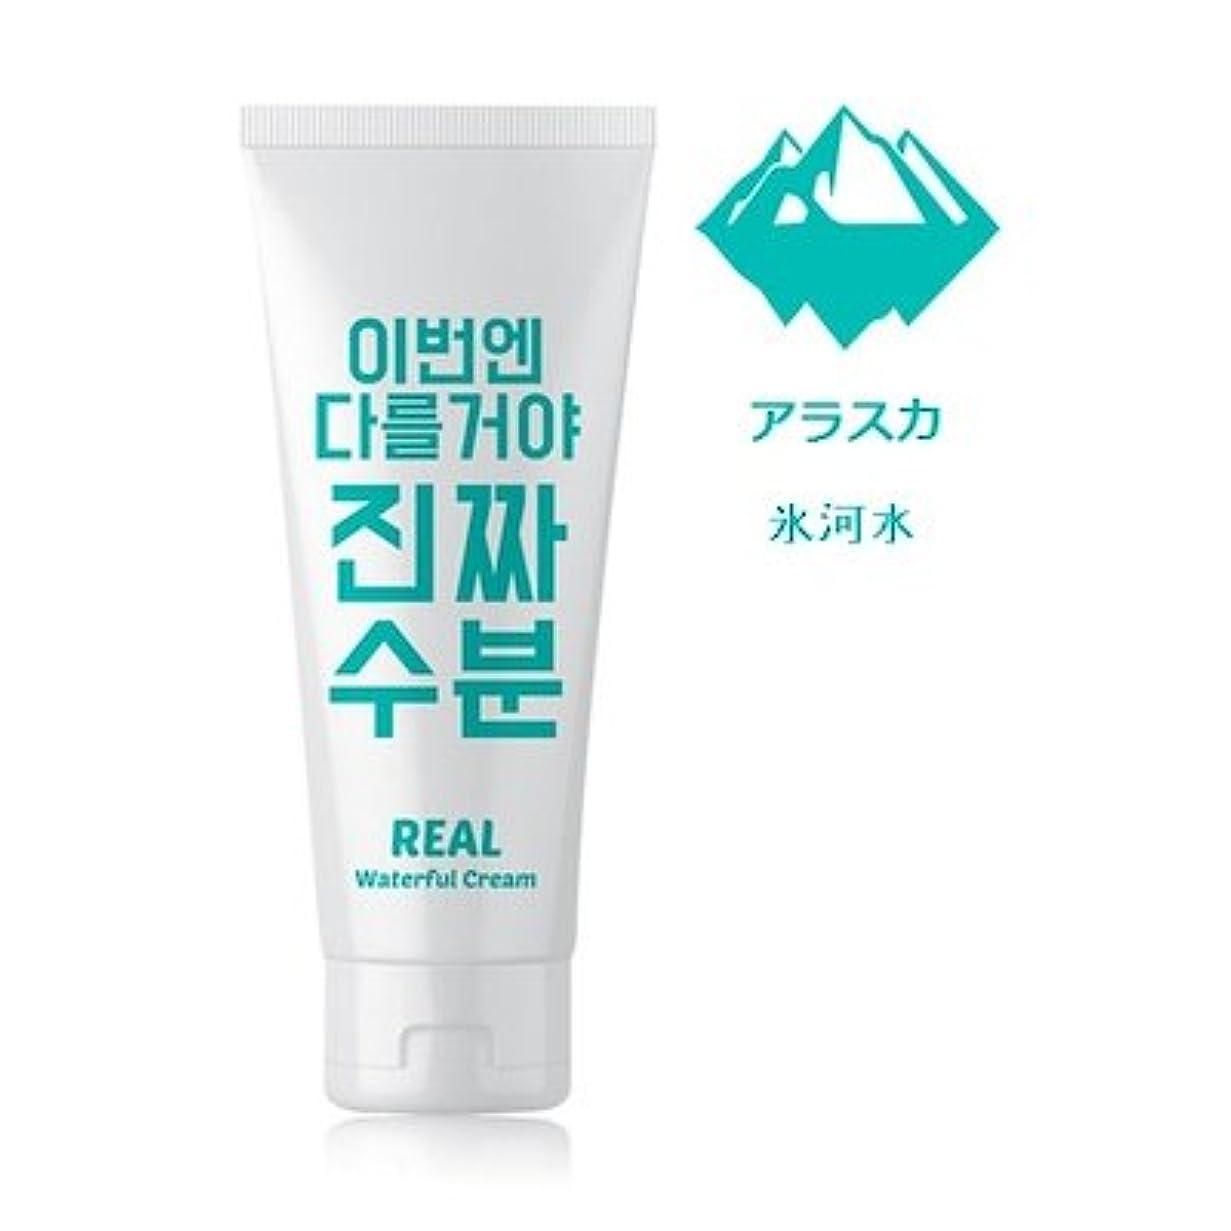 賞パフ等価Jaminkyung Real Waterful Cream/孜民耕 [ジャミンギョン] 今度は違うぞ本当の水分クリーム 200ml [並行輸入品]